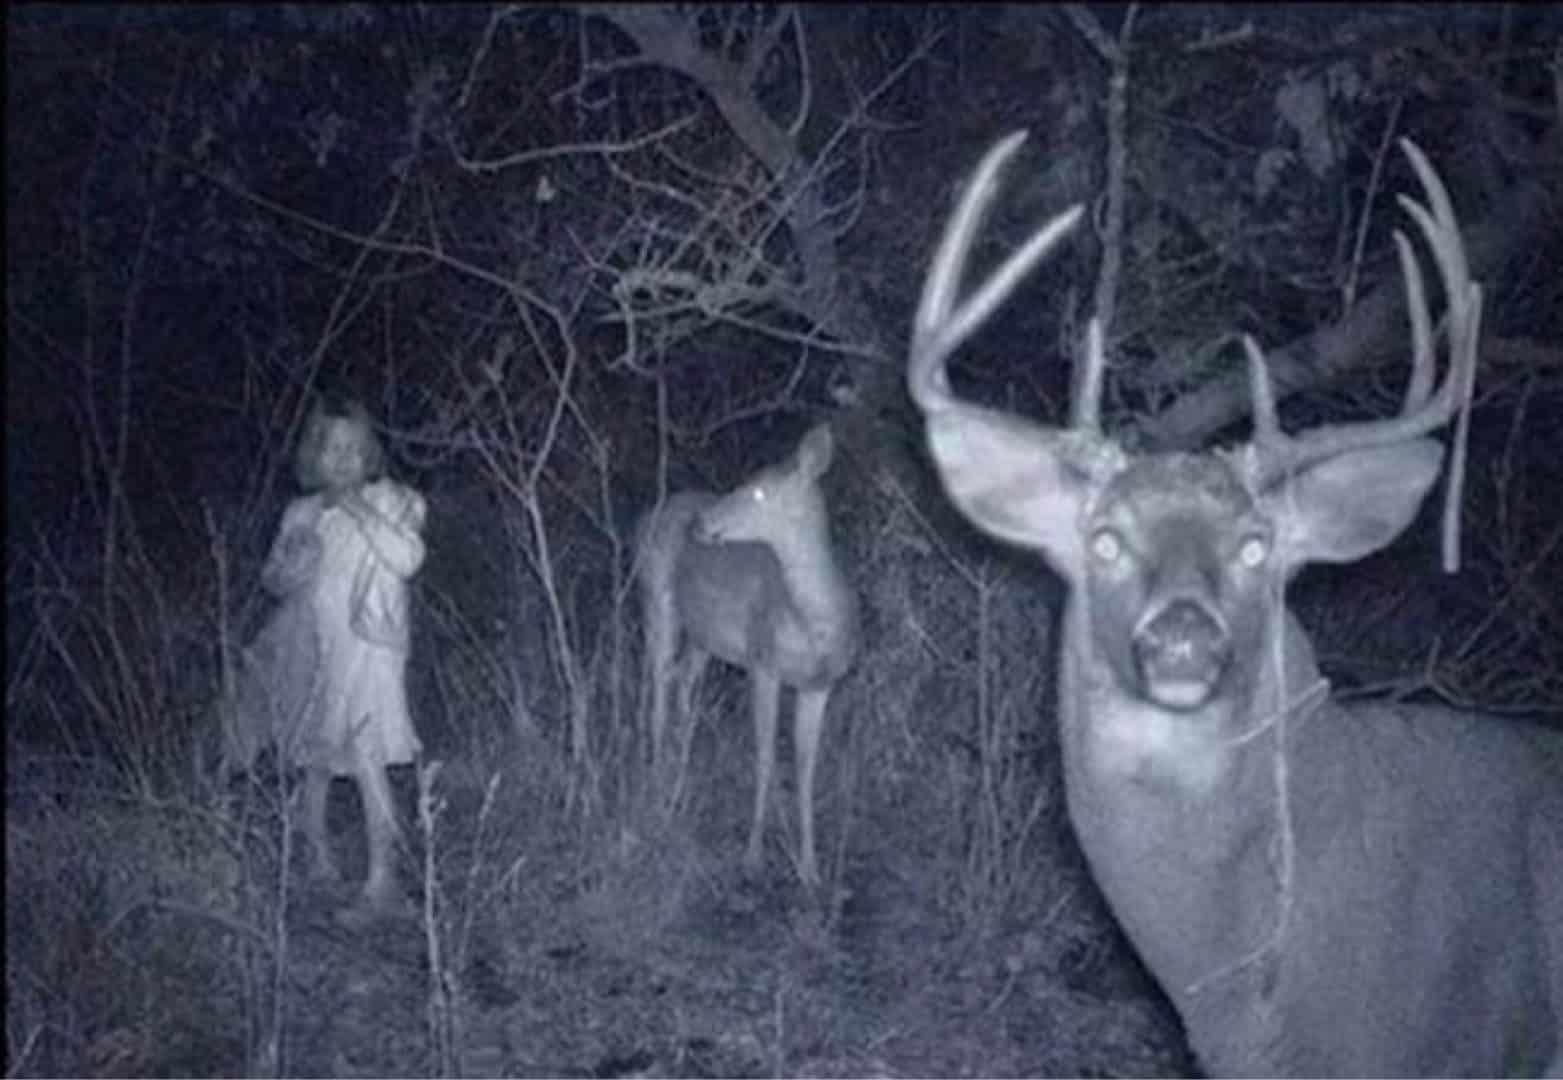 Confira agora 20 imagens assustadoras da internet